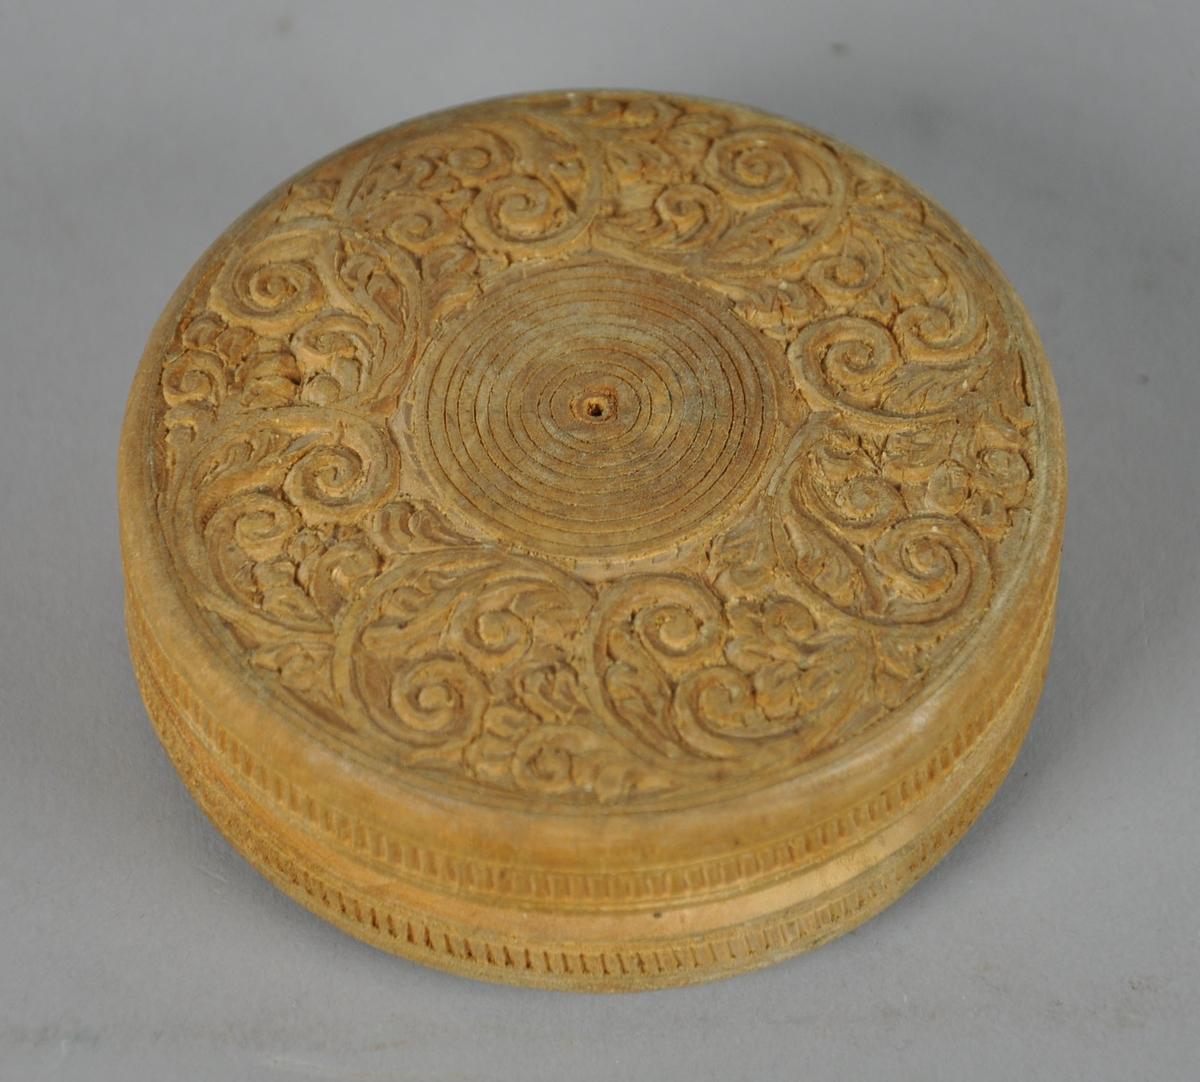 Rund eske av tre, med skjært dekor. På lokket er det skjært dekor med motiv av konsentriske sirkler med akantuslignende spiralformasjoner rundt. På sidene er det border med rettvinklede linjer inni.  Spor fra teipbit på undersiden.